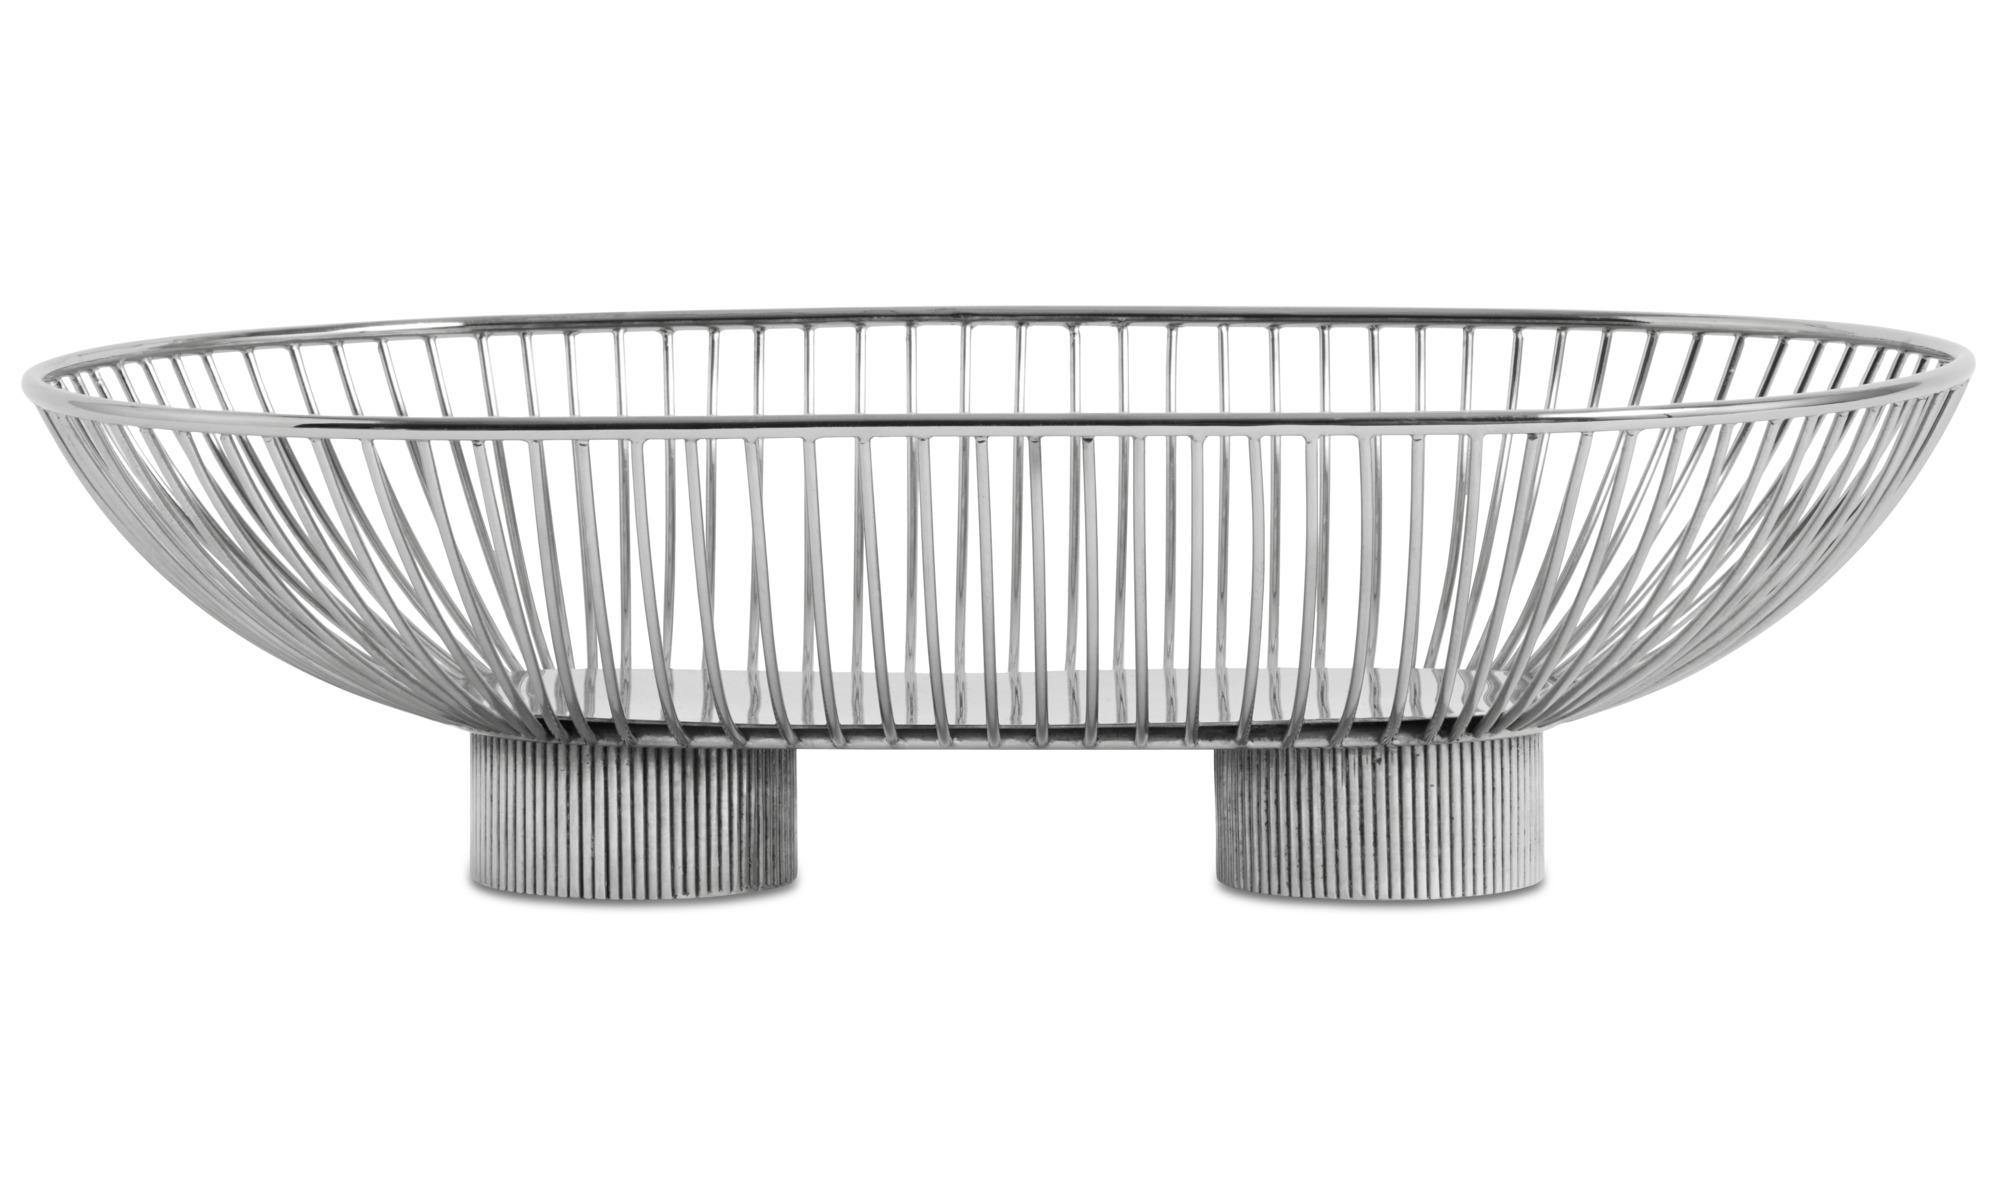 Decoratie - Line schaal - Grijs - Metaal